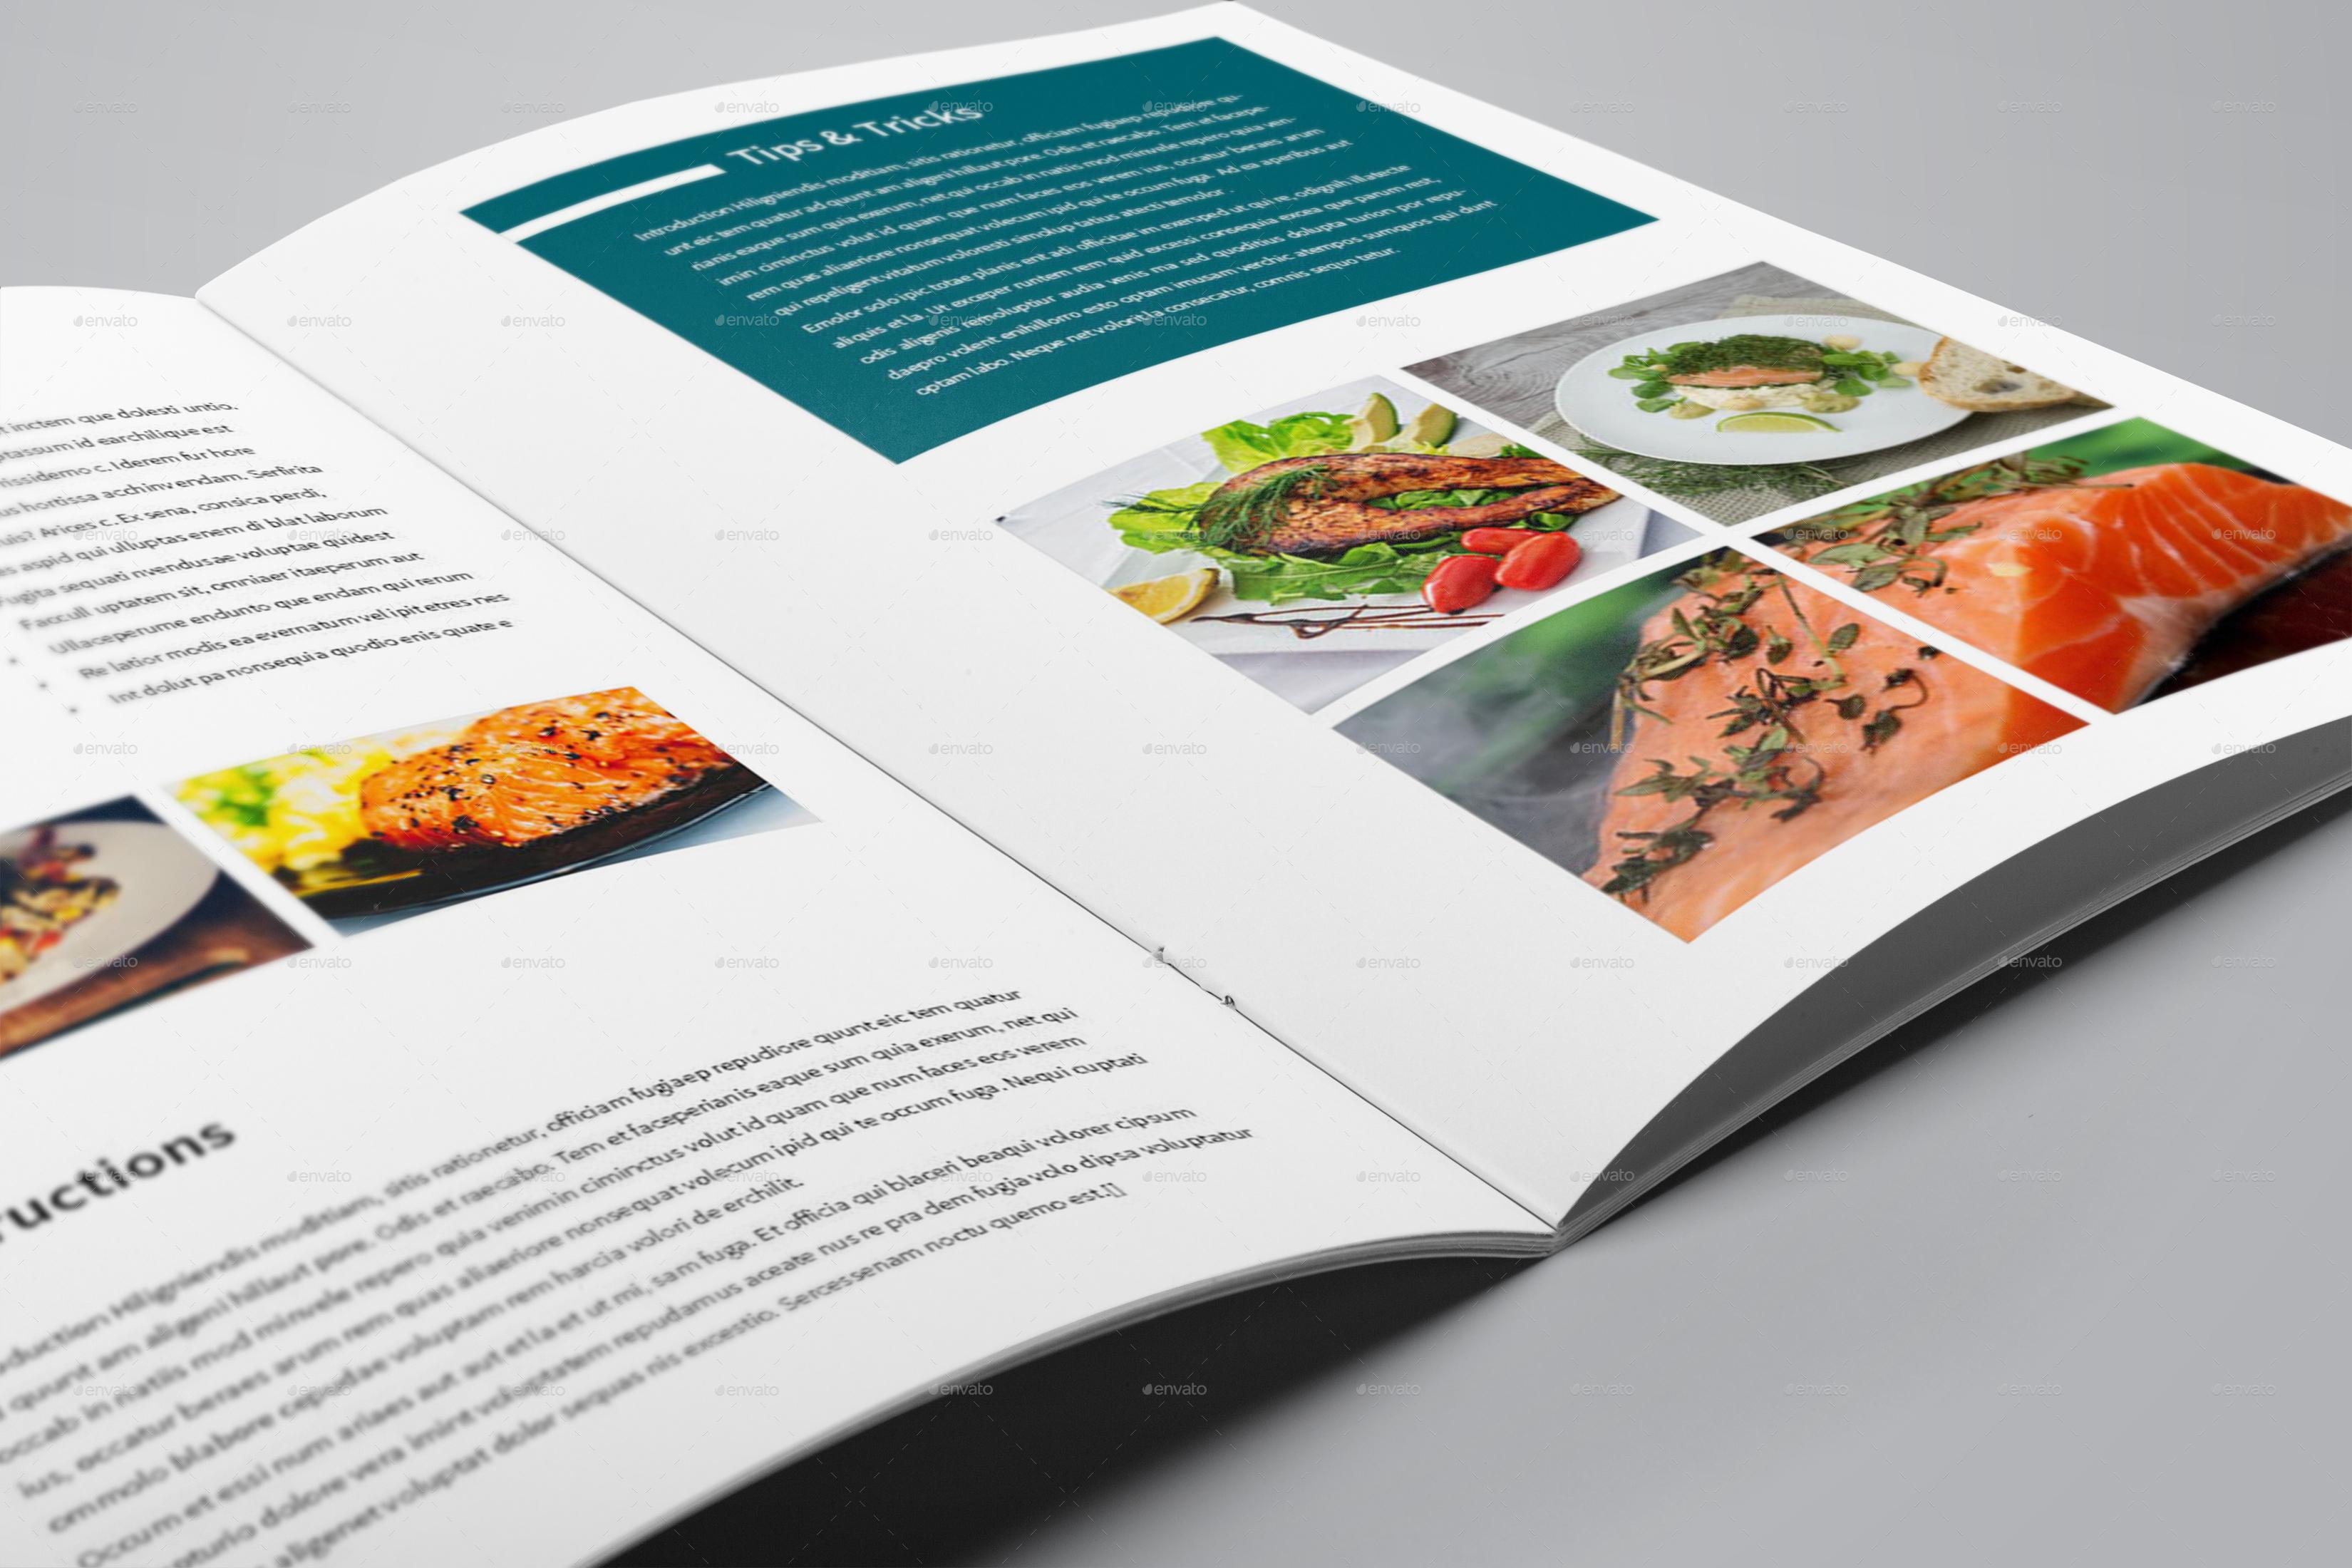 Recipe Book Template by bookrak | GraphicRiver